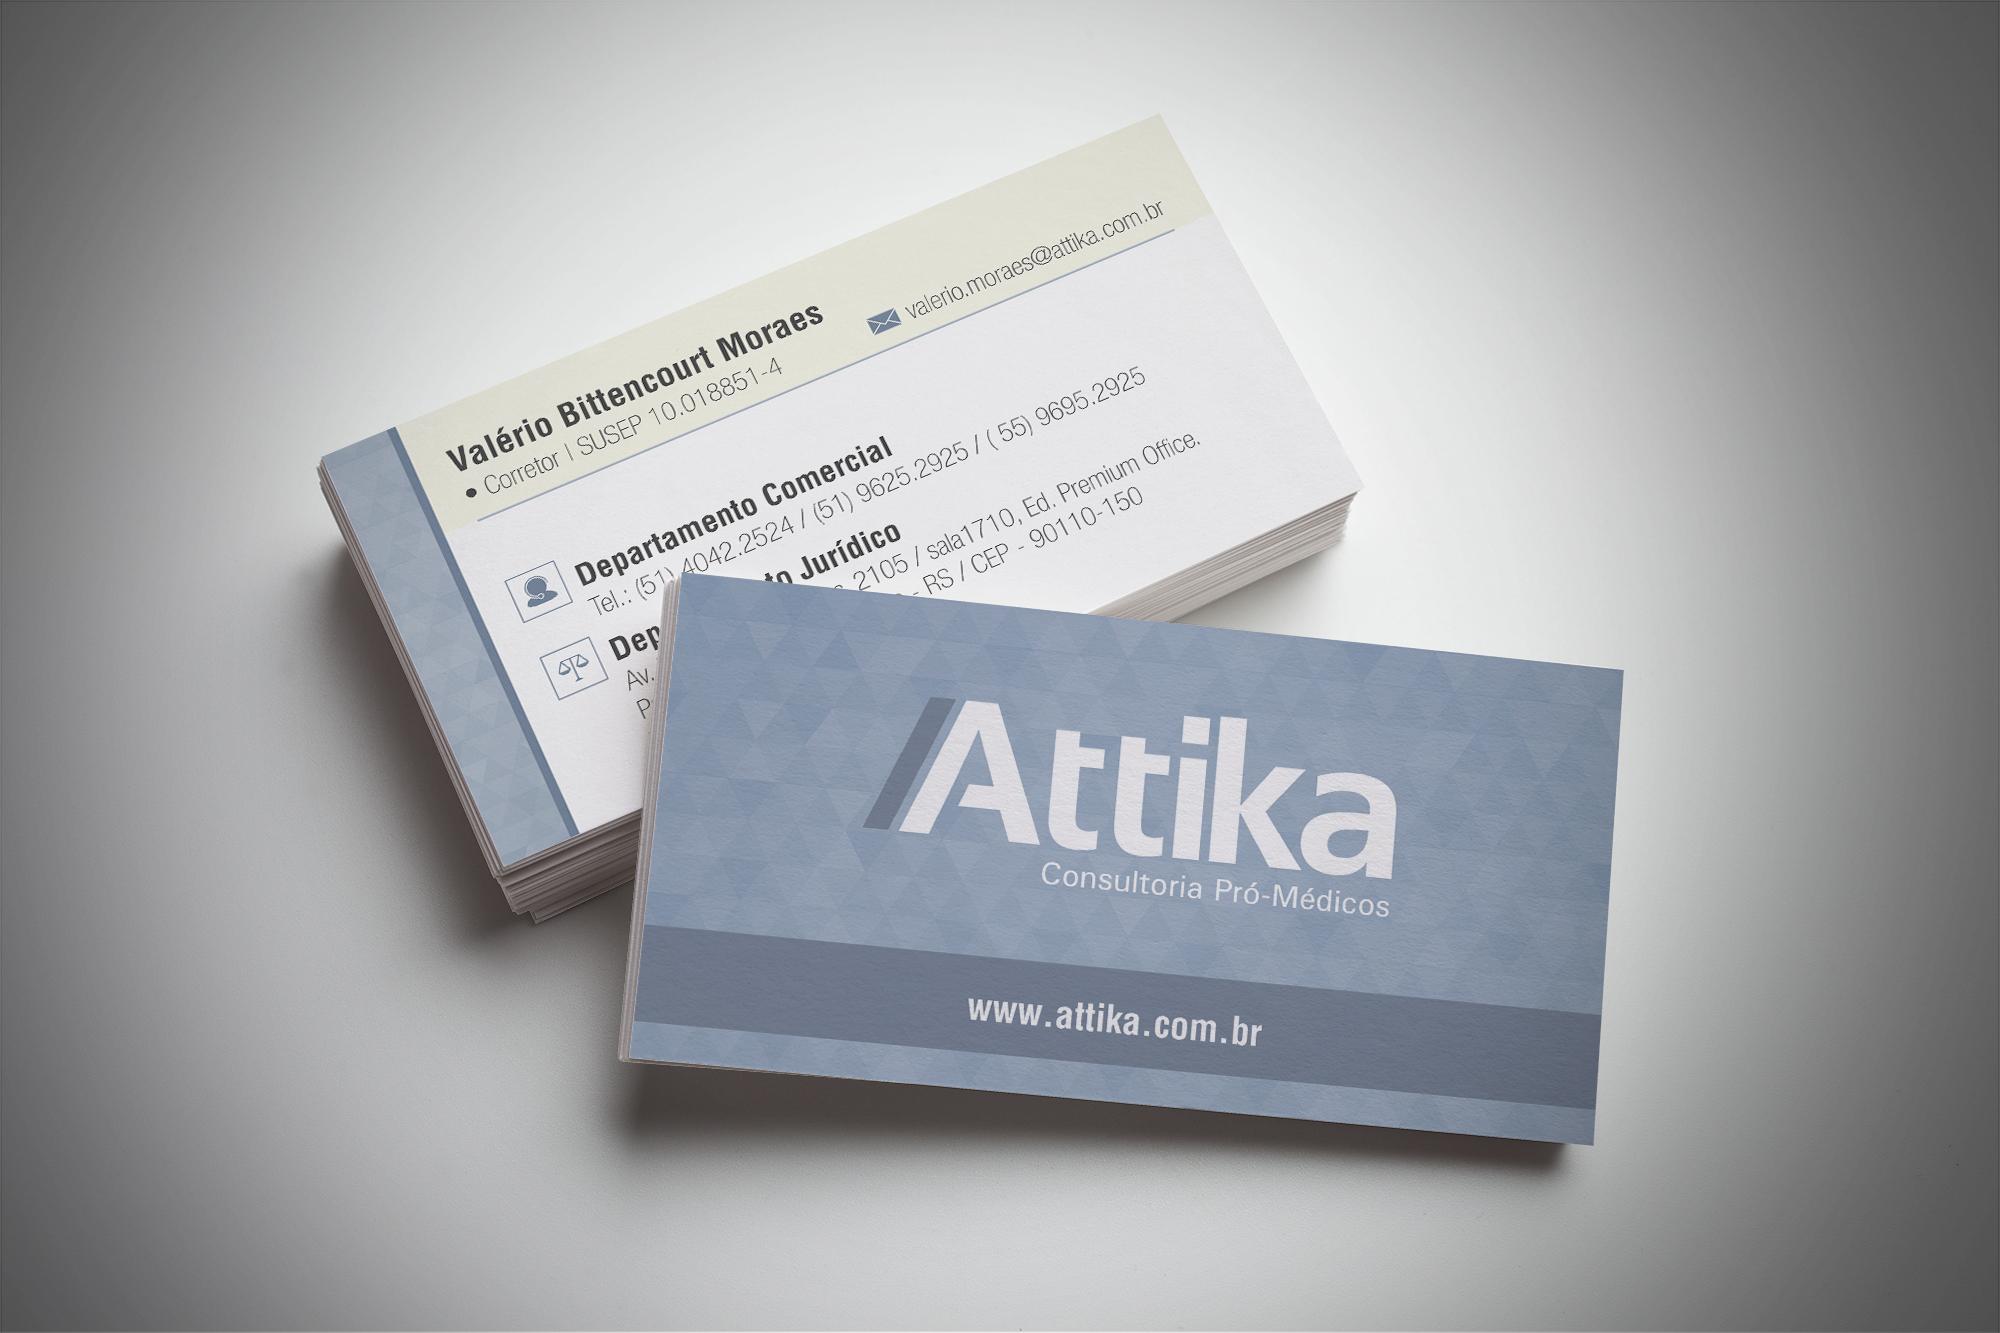 Cartão Attika